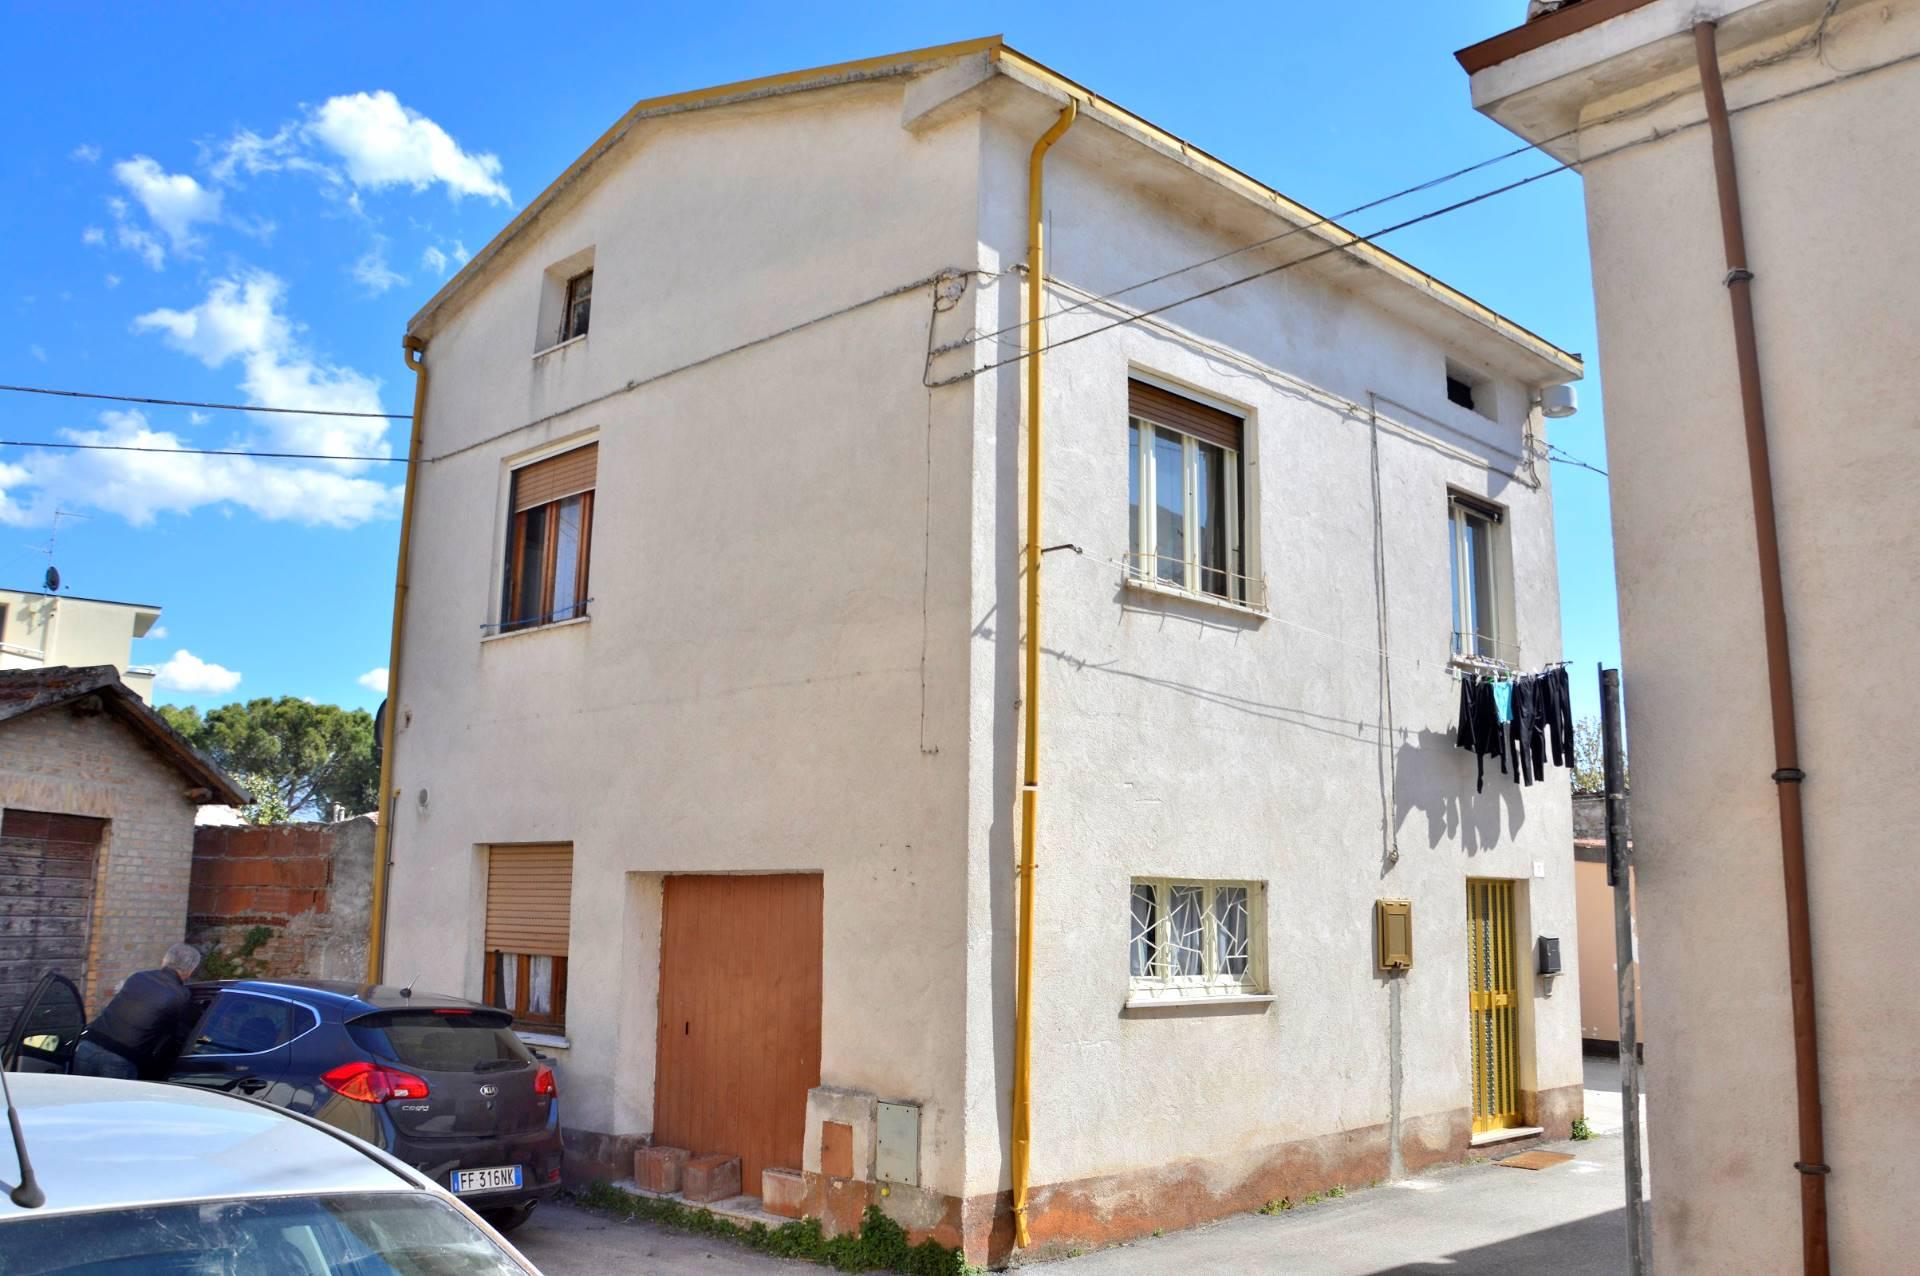 Soluzione Indipendente in vendita a Foligno, 3 locali, prezzo € 85.000 | Cambio Casa.it